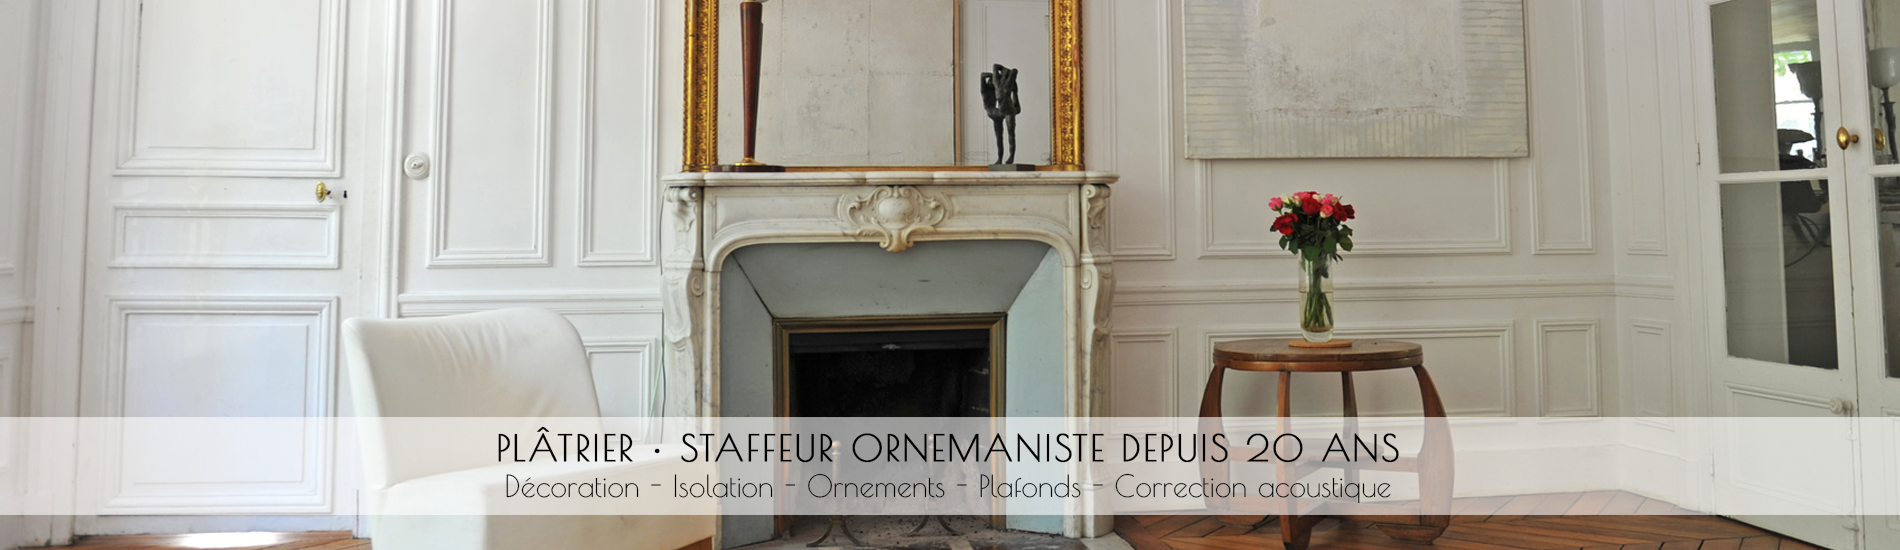 Platrier Staffeur Paris Staffeur Ornemaniste Meaux Staff Torcy